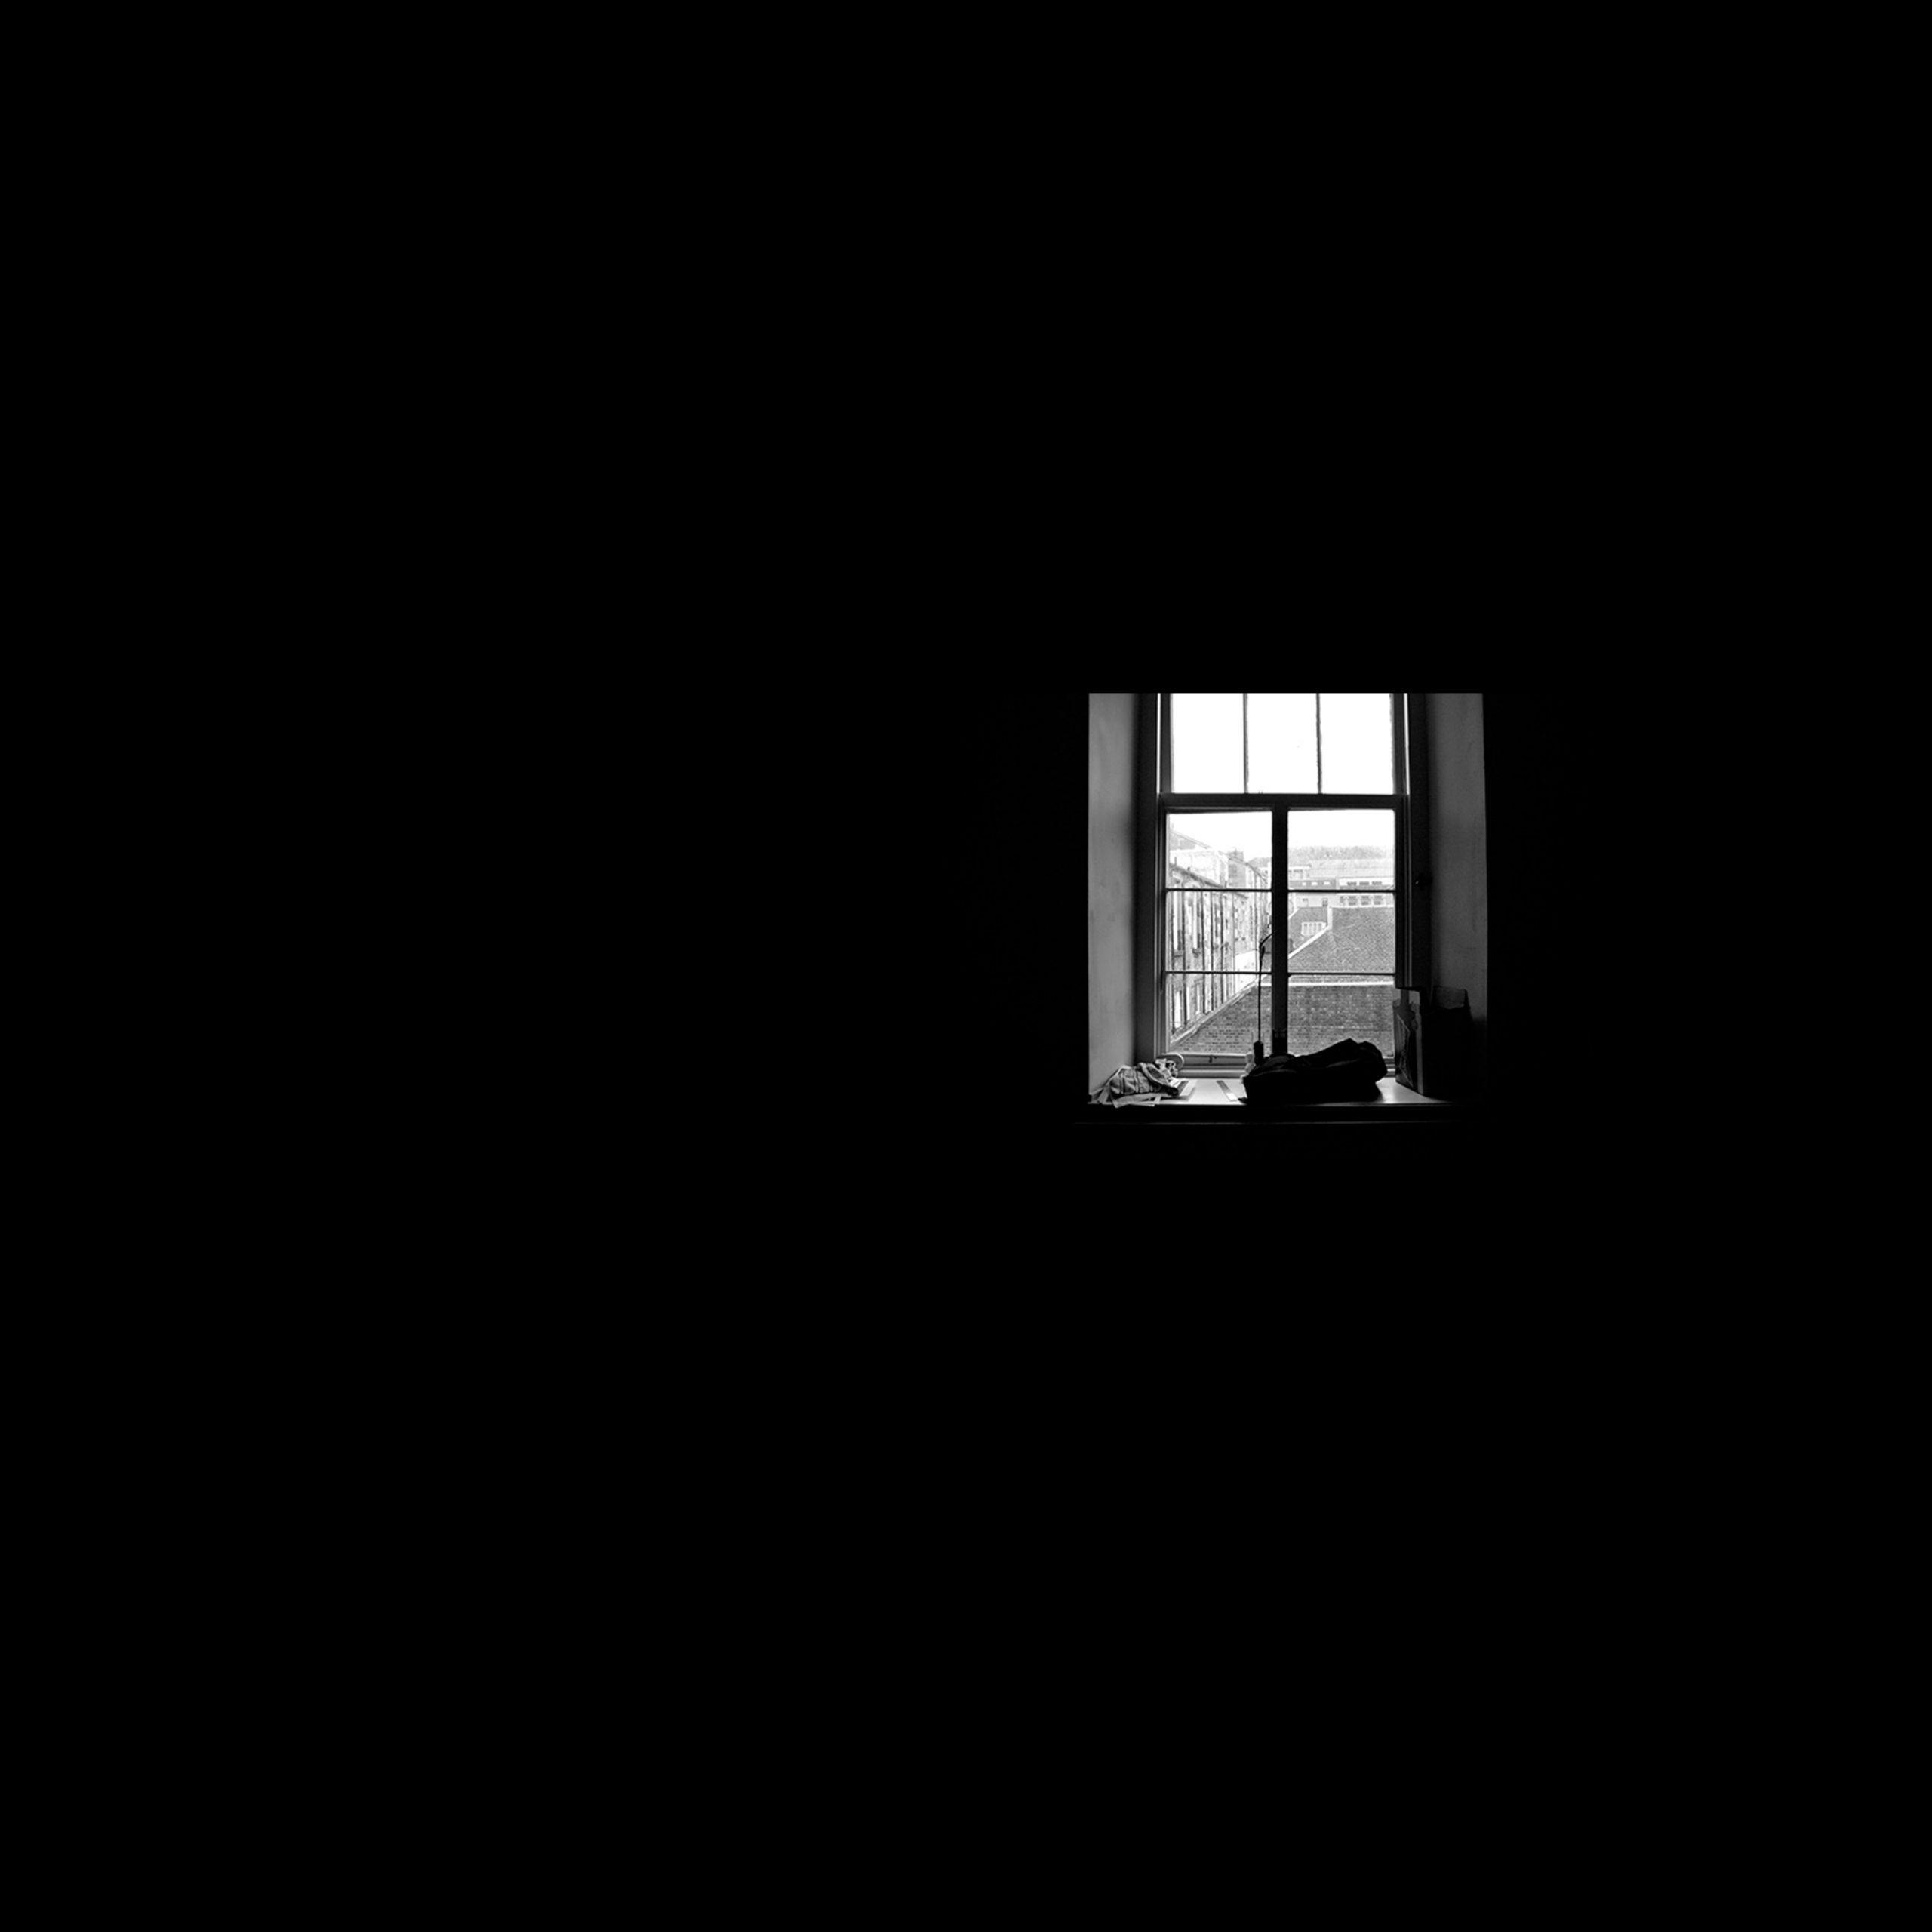 wallpaper Window inside dark room